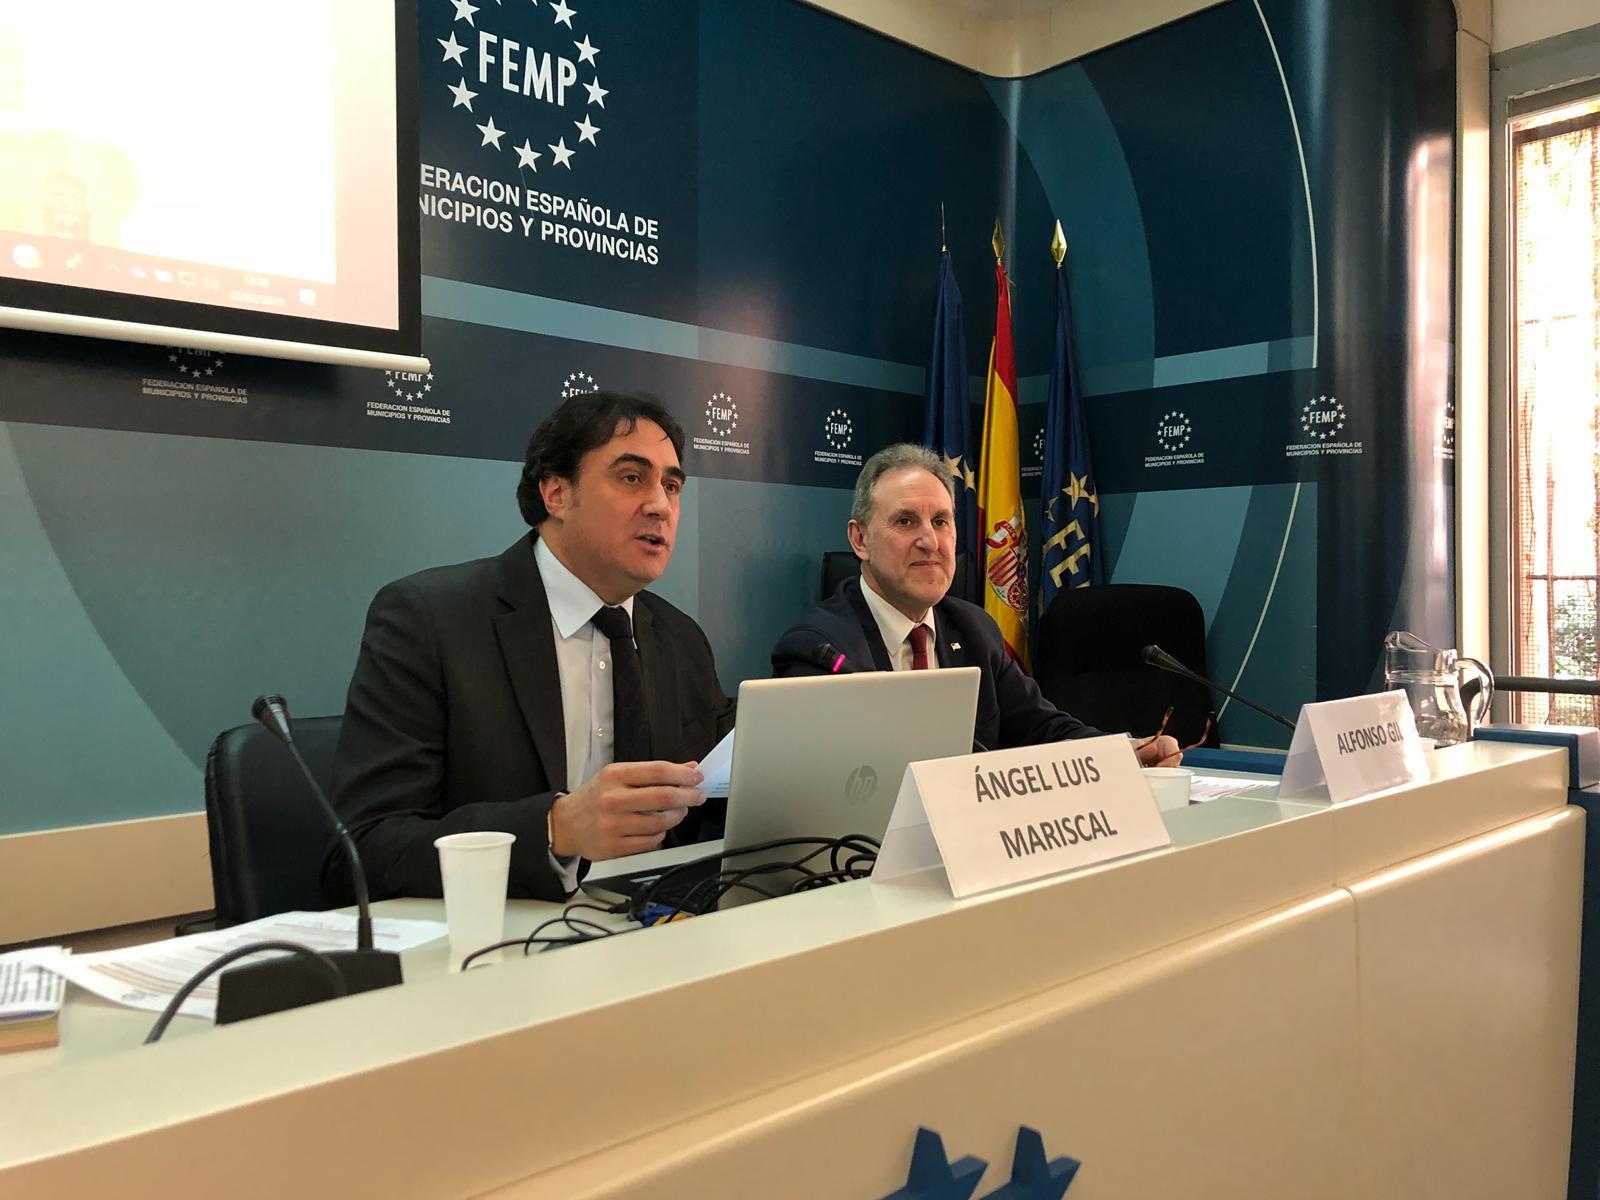 Mariscal defiende en una jornada de la FEMP la movilidad urbana como factor clave en la calidad de vida y desarrollo económico de las ciudades